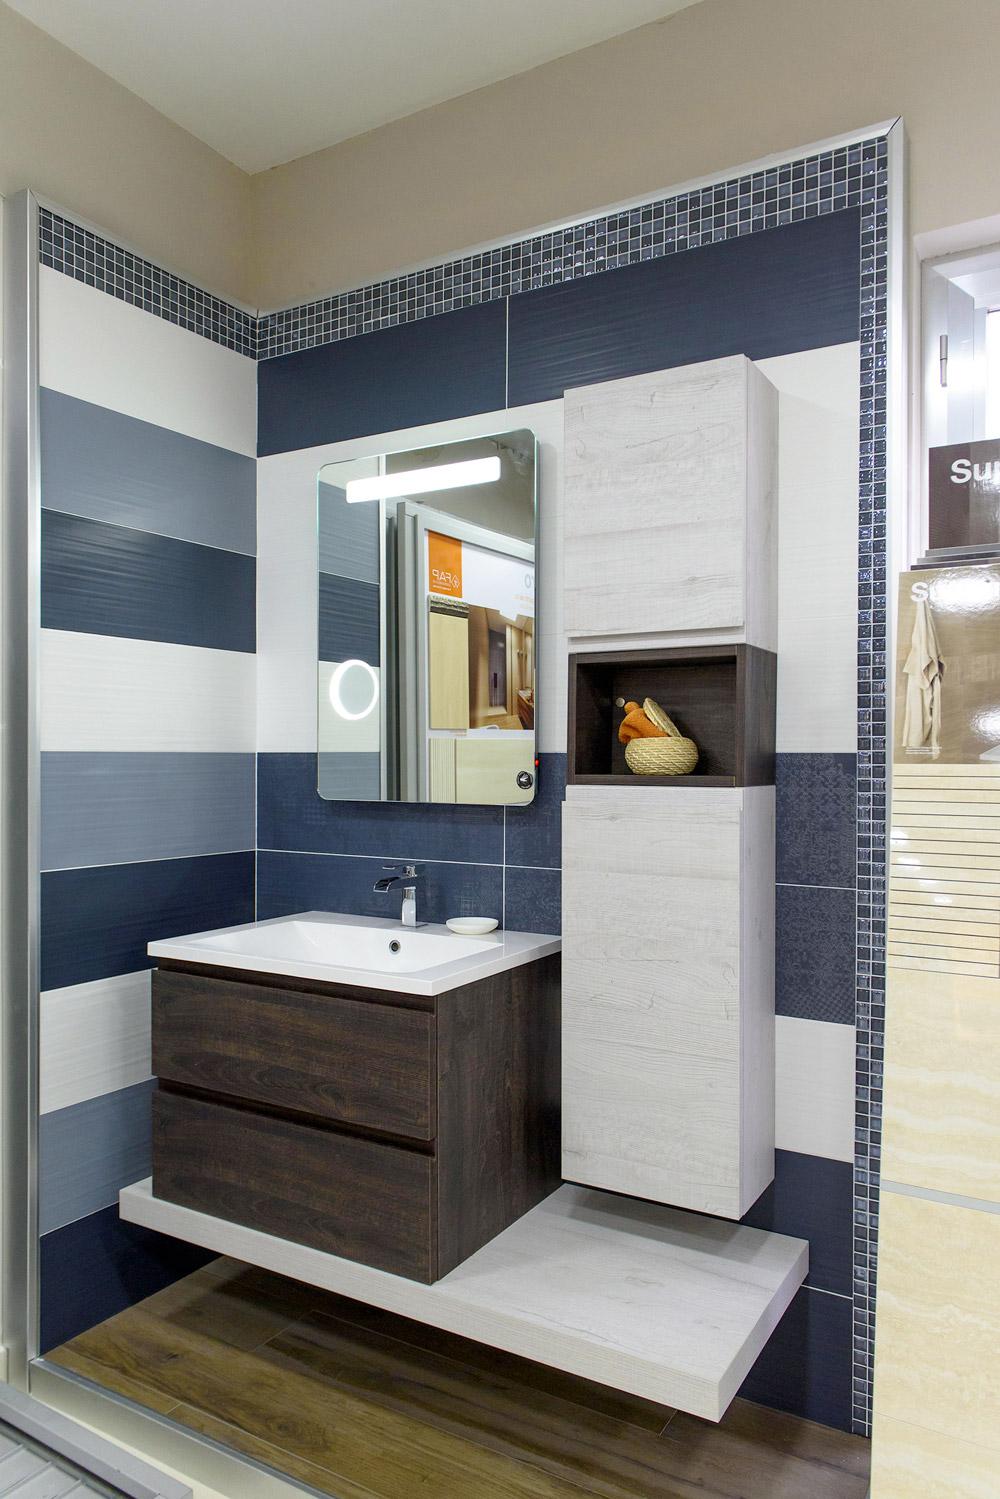 Showroom-miroma-ceramiche-arredobagno-aversa-caserta-napoli-27